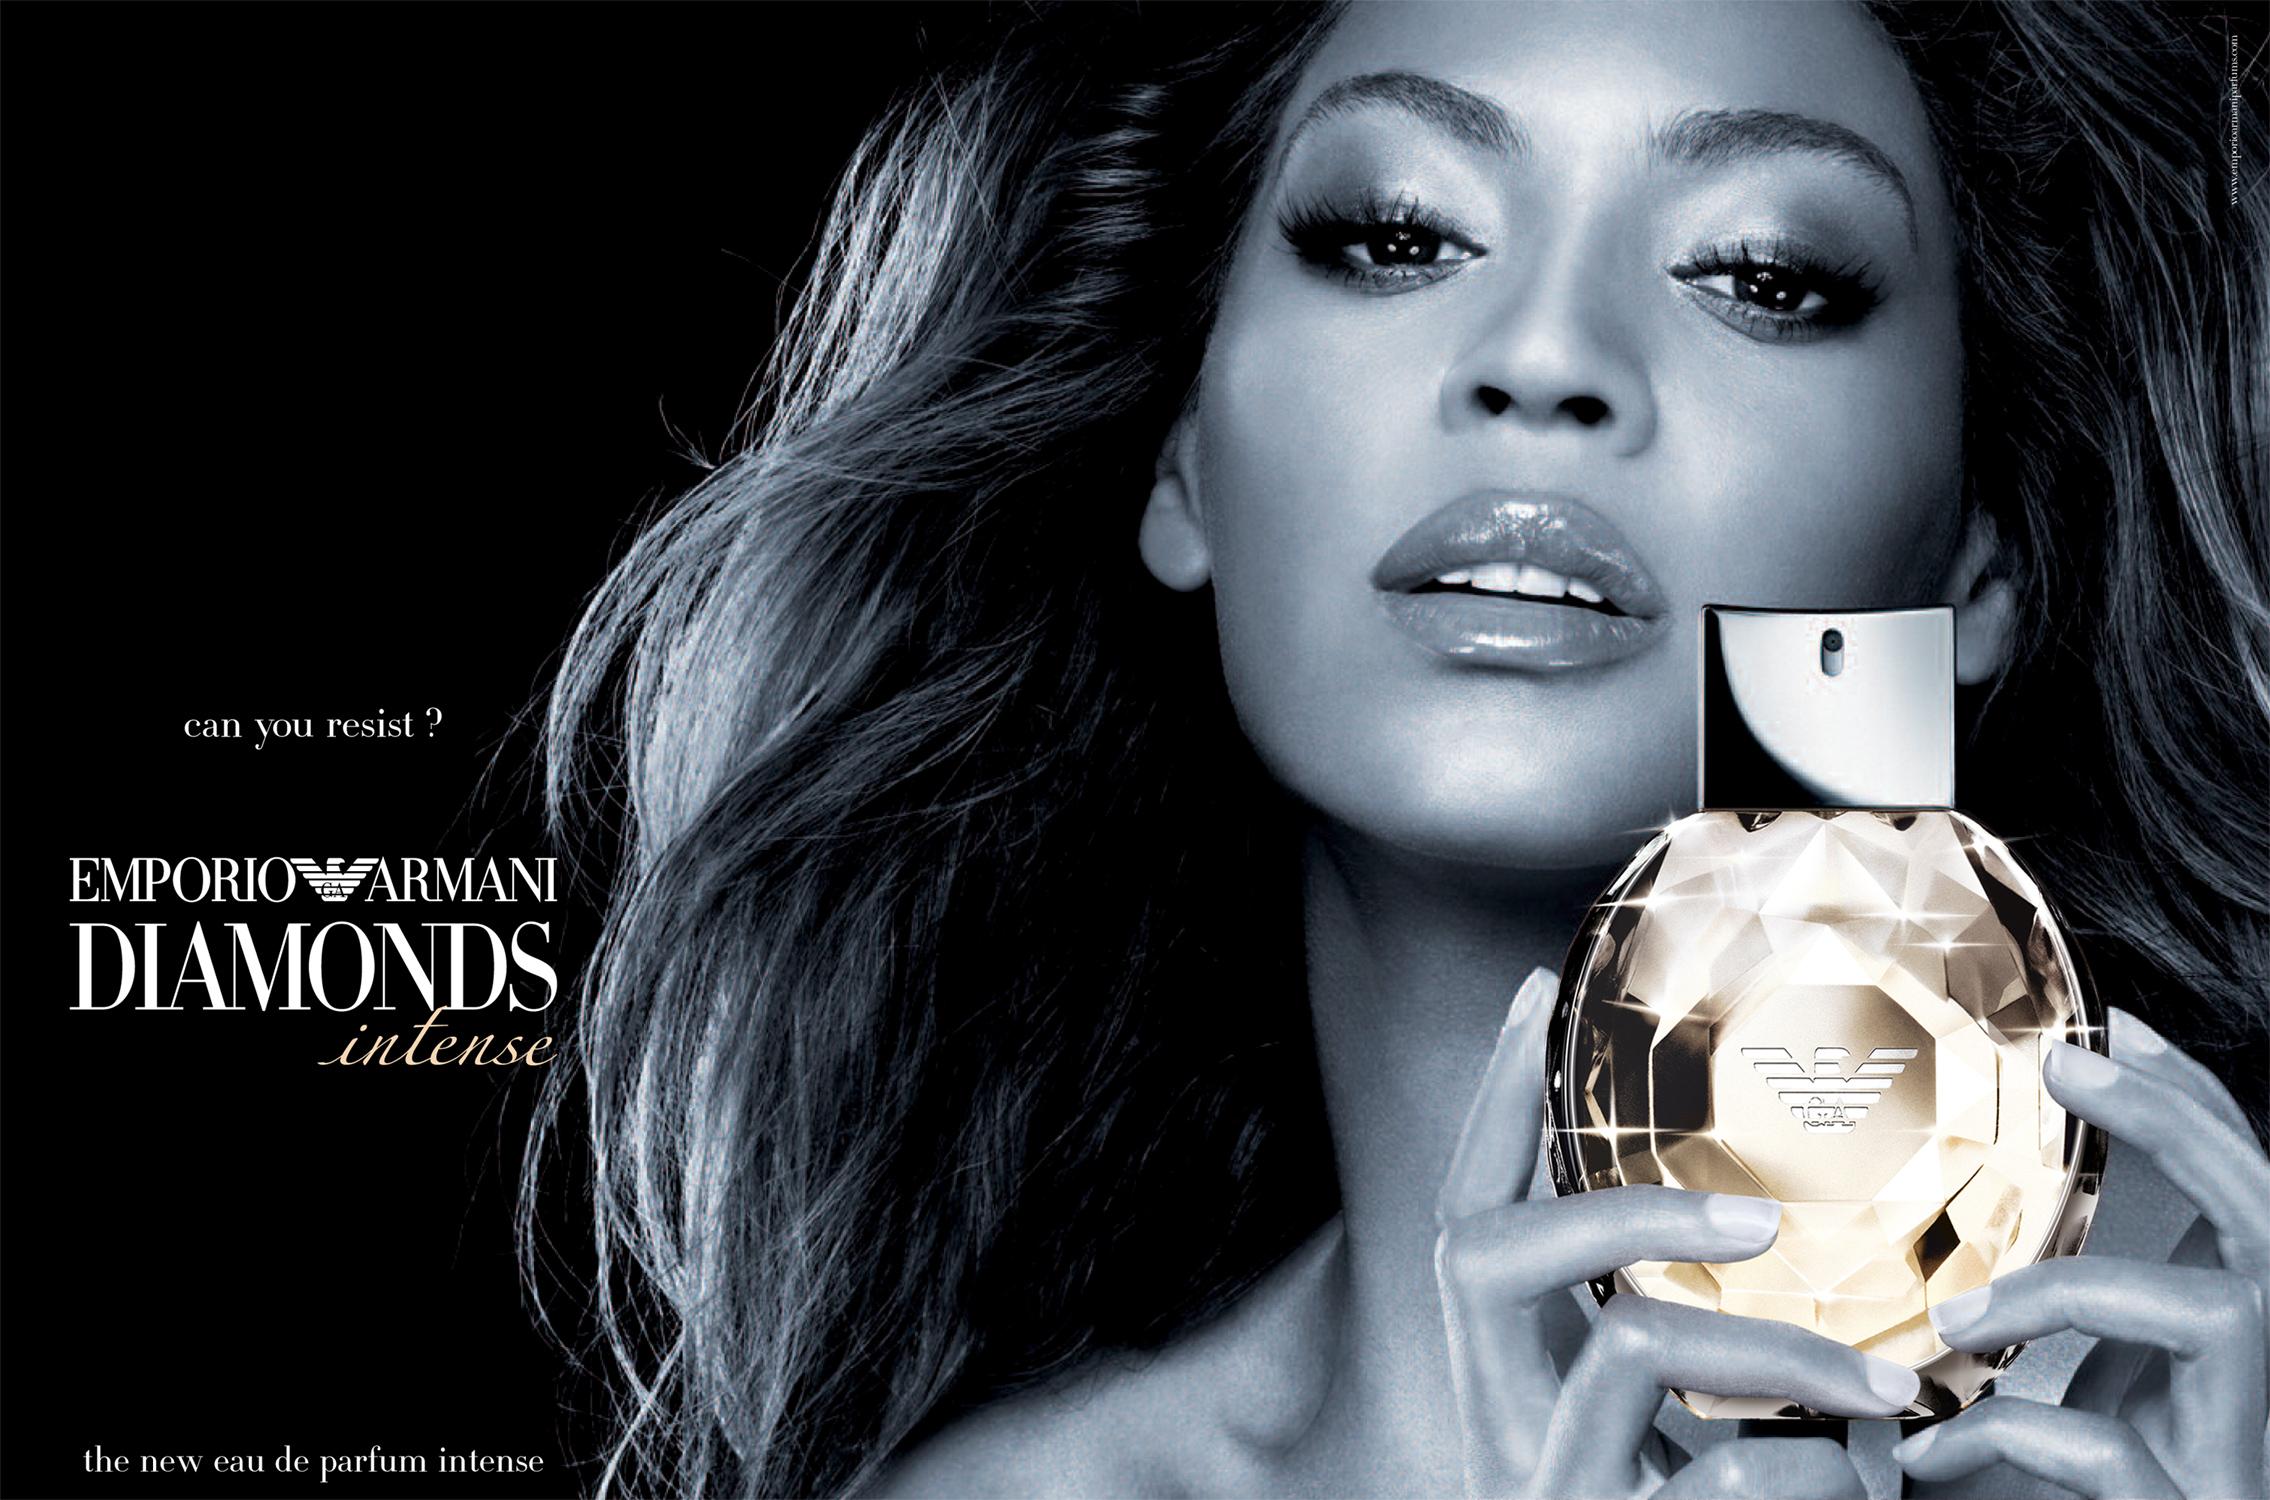 Emporio Armani Diamonds Intense Giorgio Armani perfume - a fragrance ... Giorgio Armani